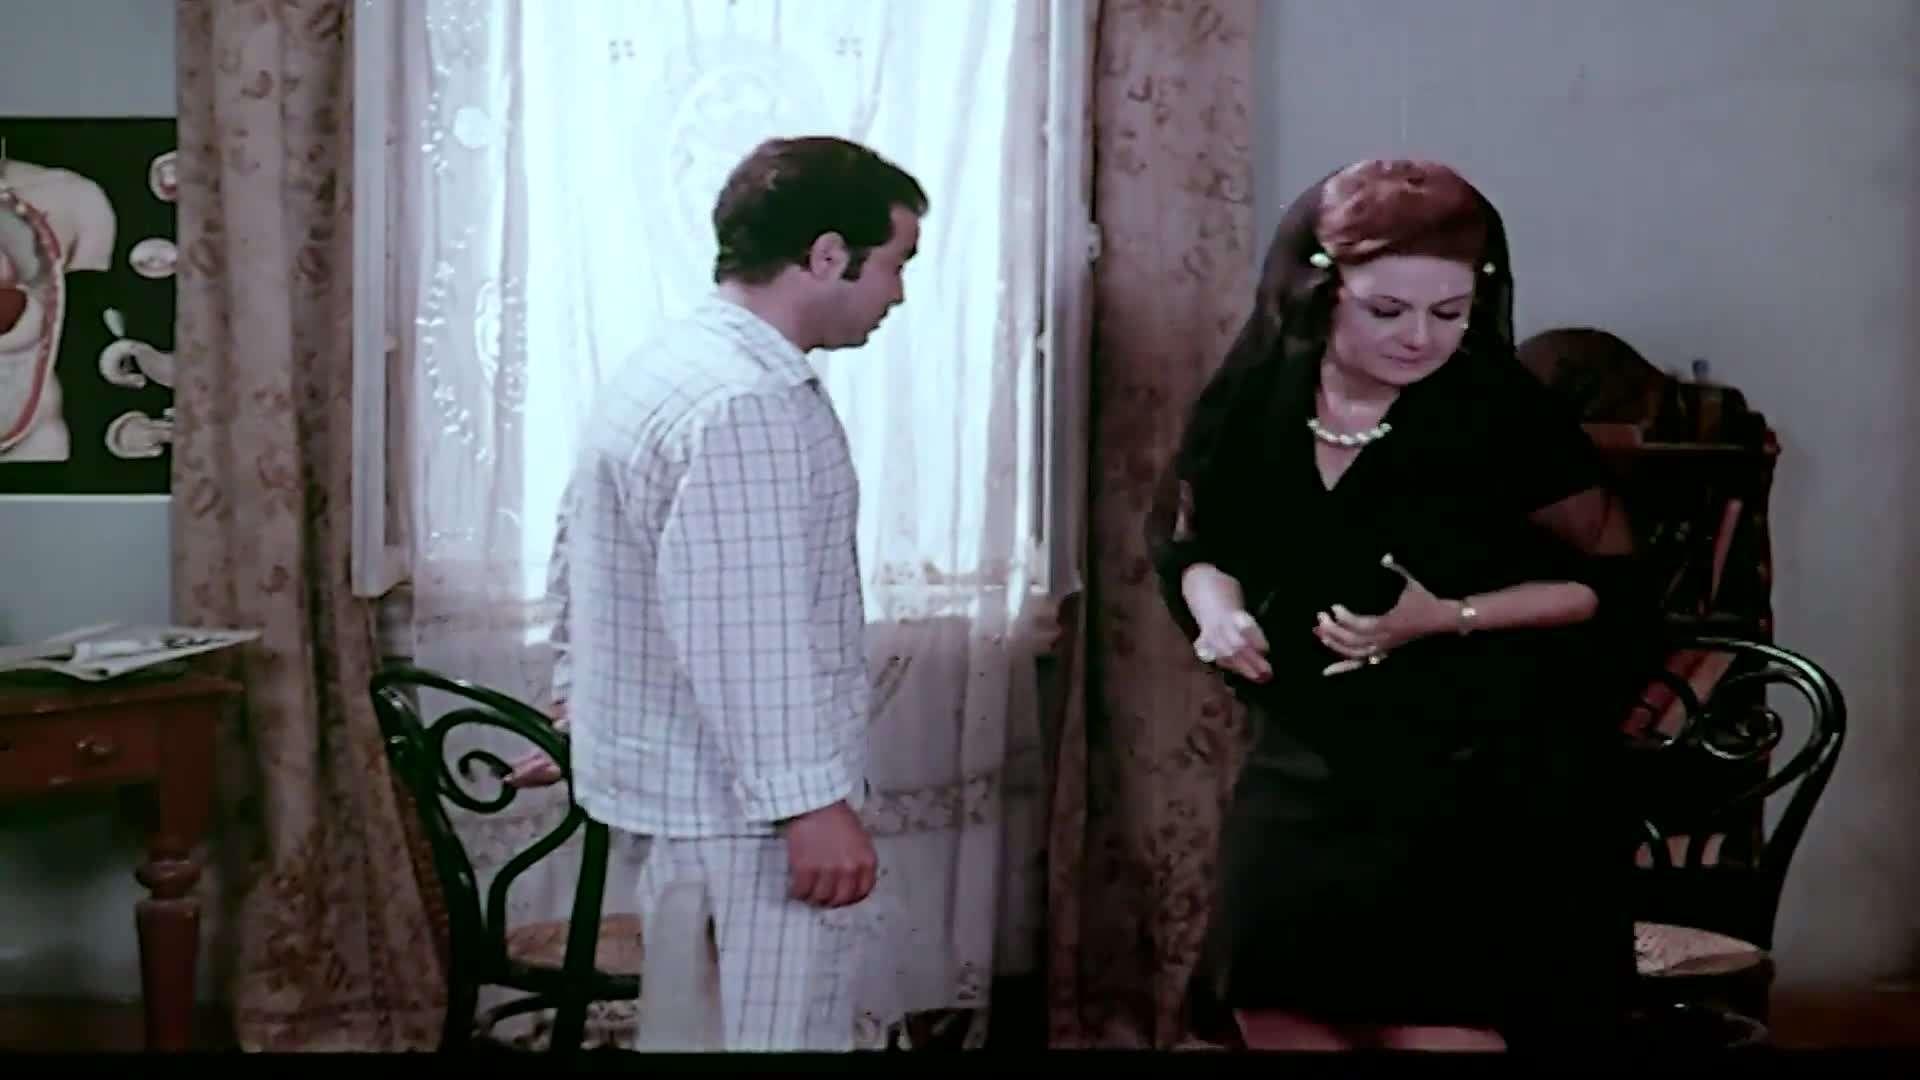 [فيلم][تورنت][تحميل][الجبان والحب][1975][1080p][Web-DL] 7 arabp2p.com